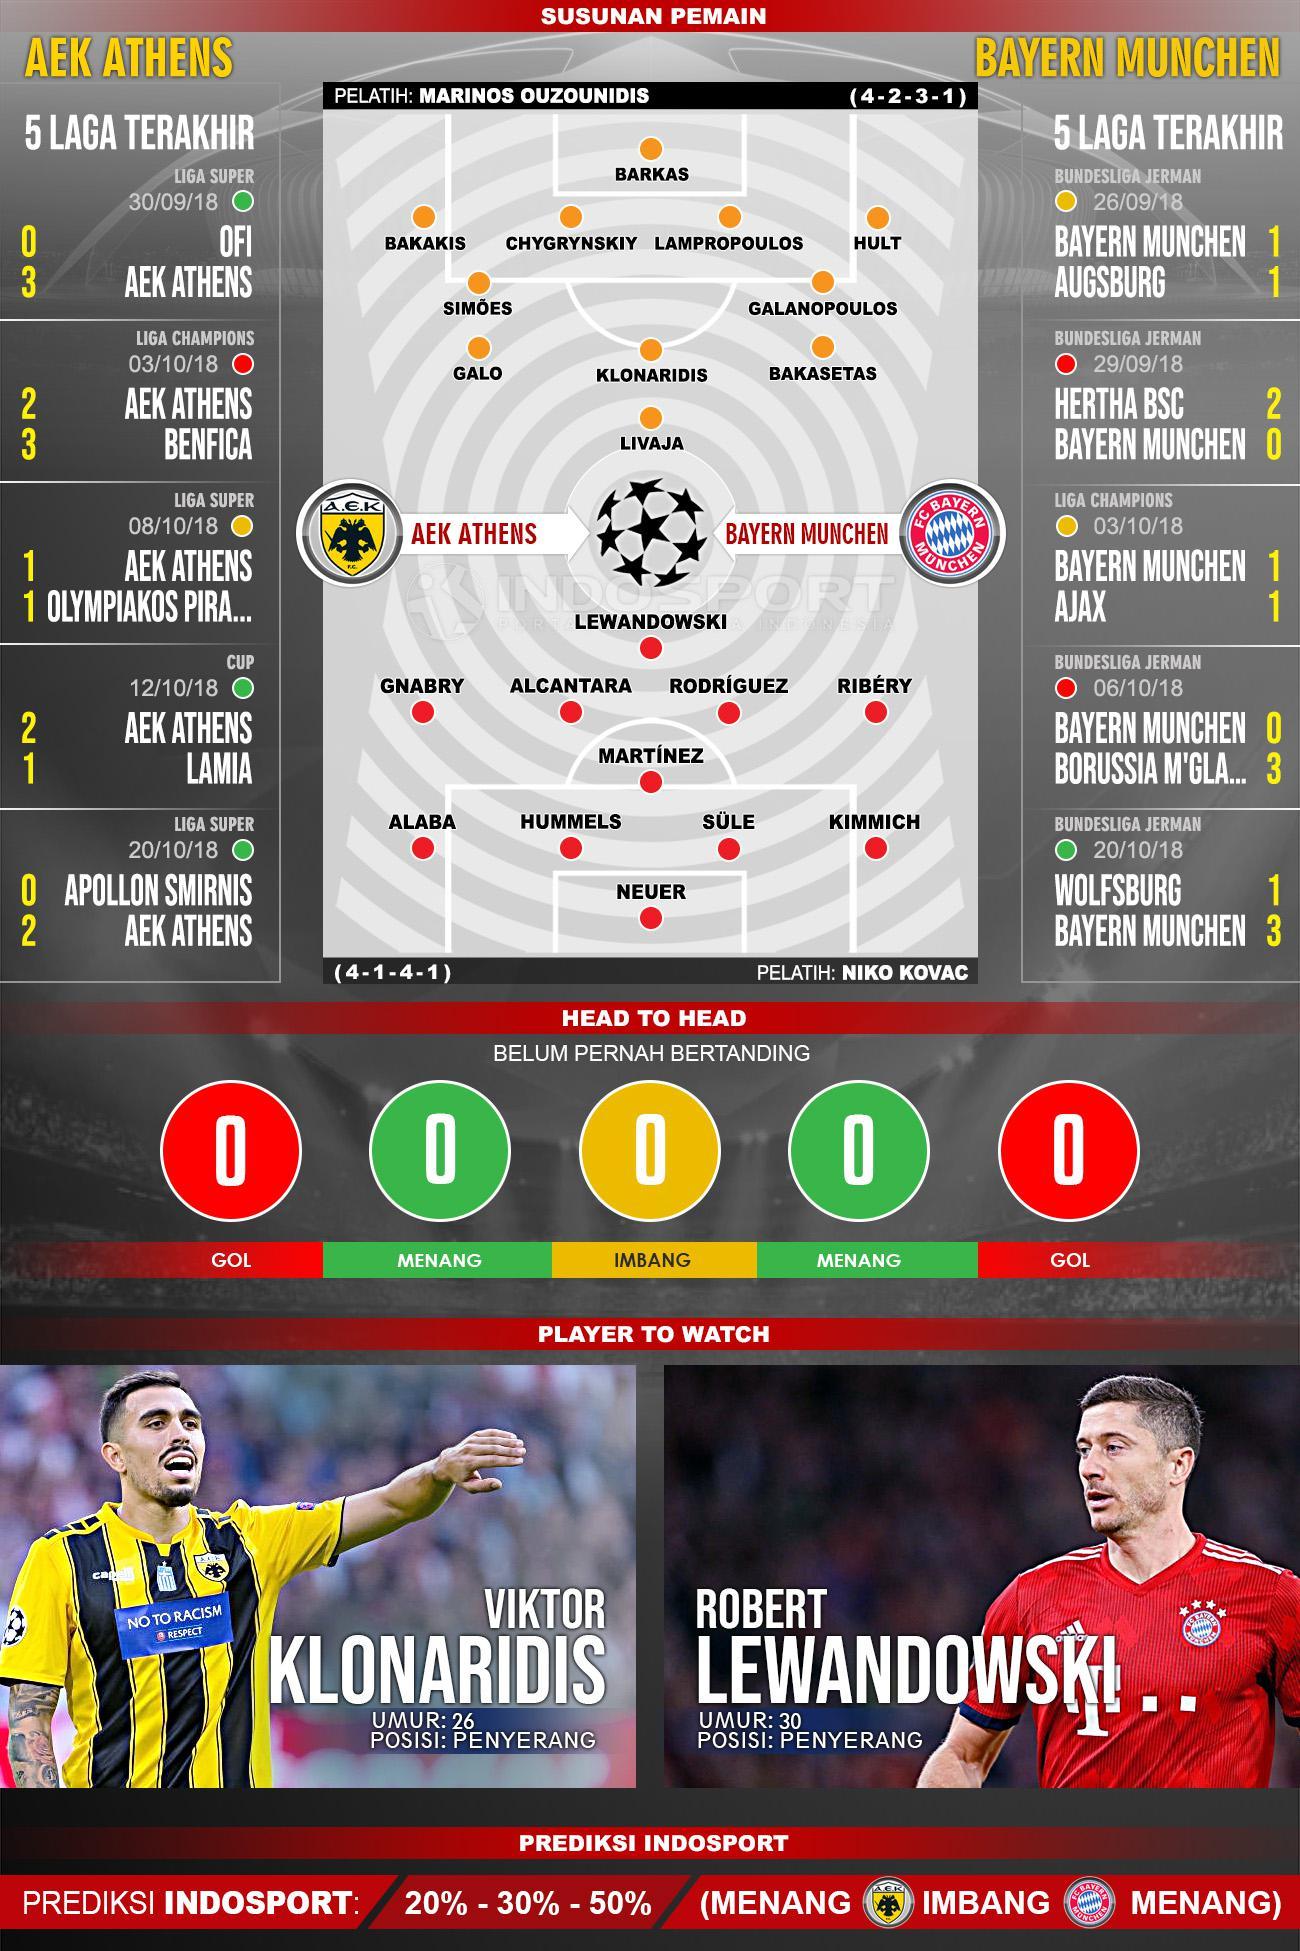 AEK Athens vs Bayern Munchen (Susunan Pemain - Lima Laga Terakhir - Player to Watch - Prediksi Indosport) Copyright: Indosport.com